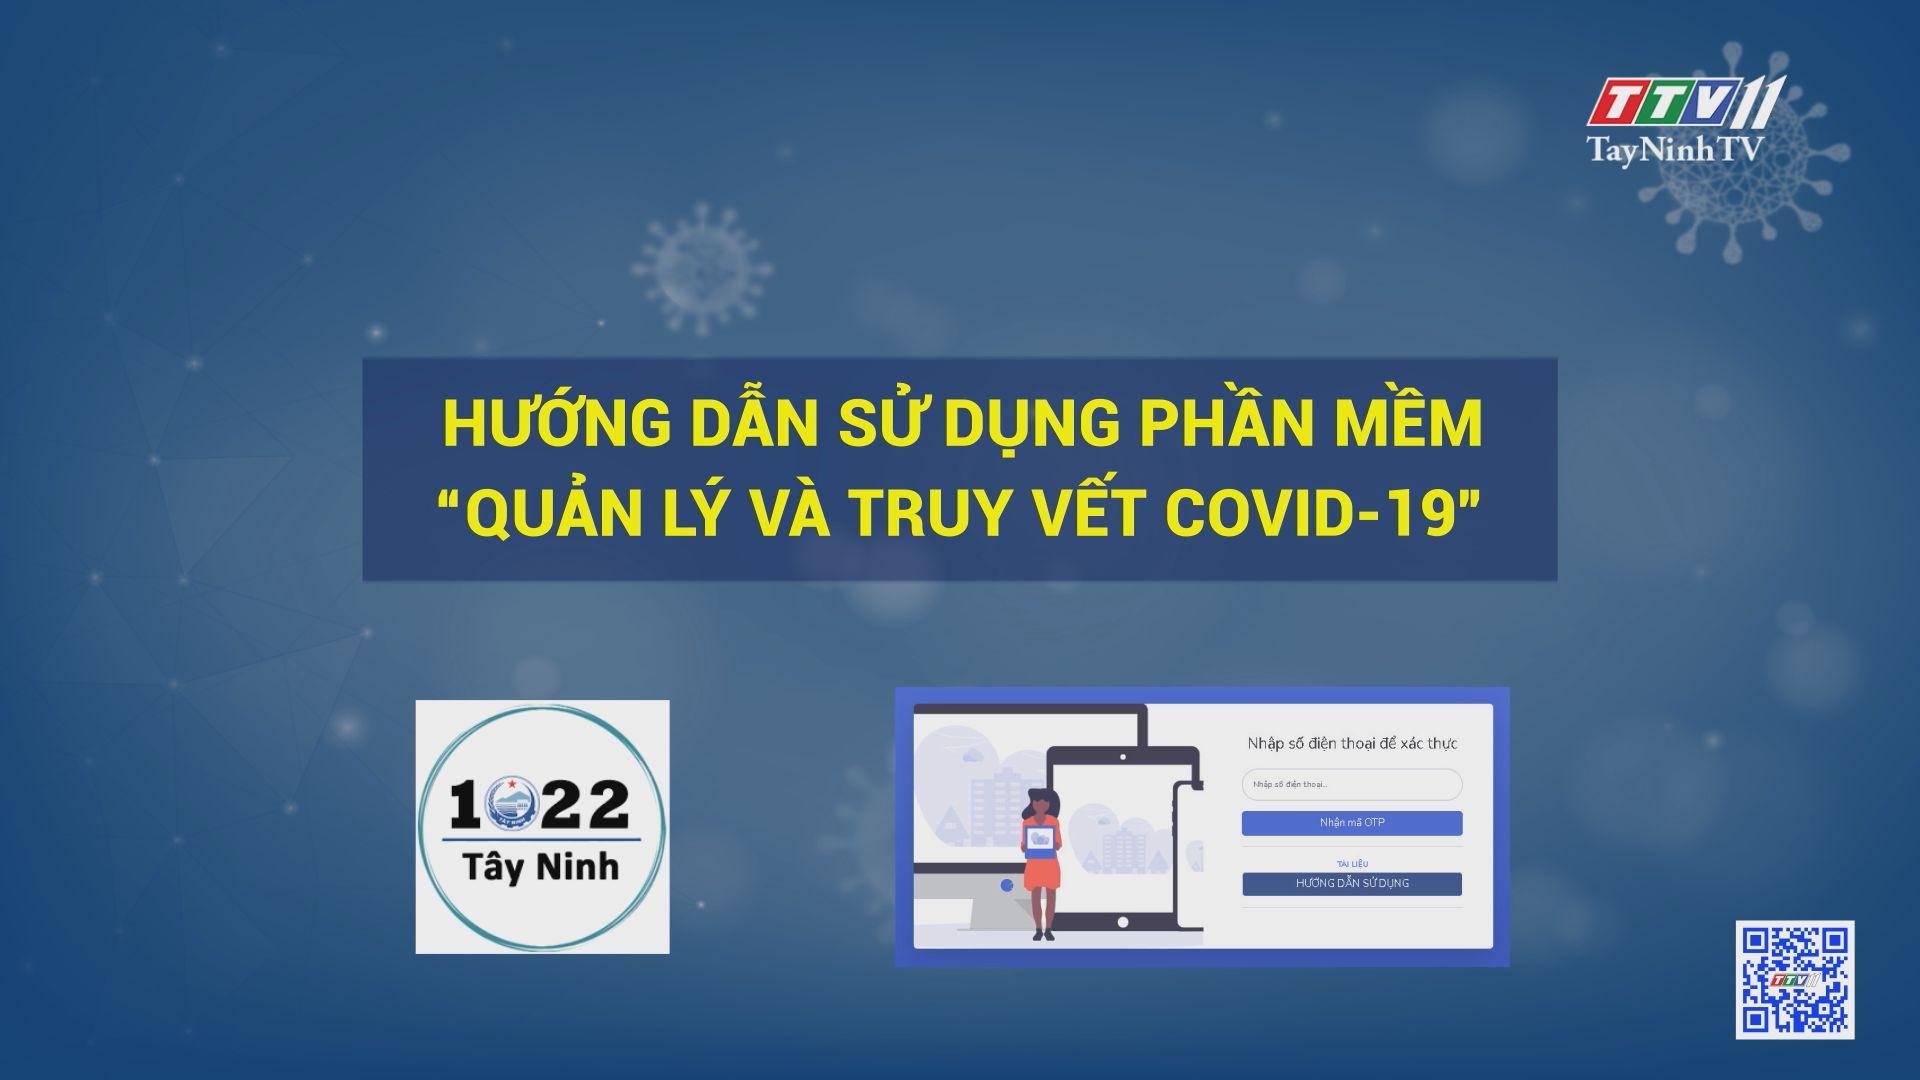 """Hướng dẫn sử dụng phần mềm """"Quản lý và truy vết Covid-19"""" (đối với người dân)   TayNinhTV"""